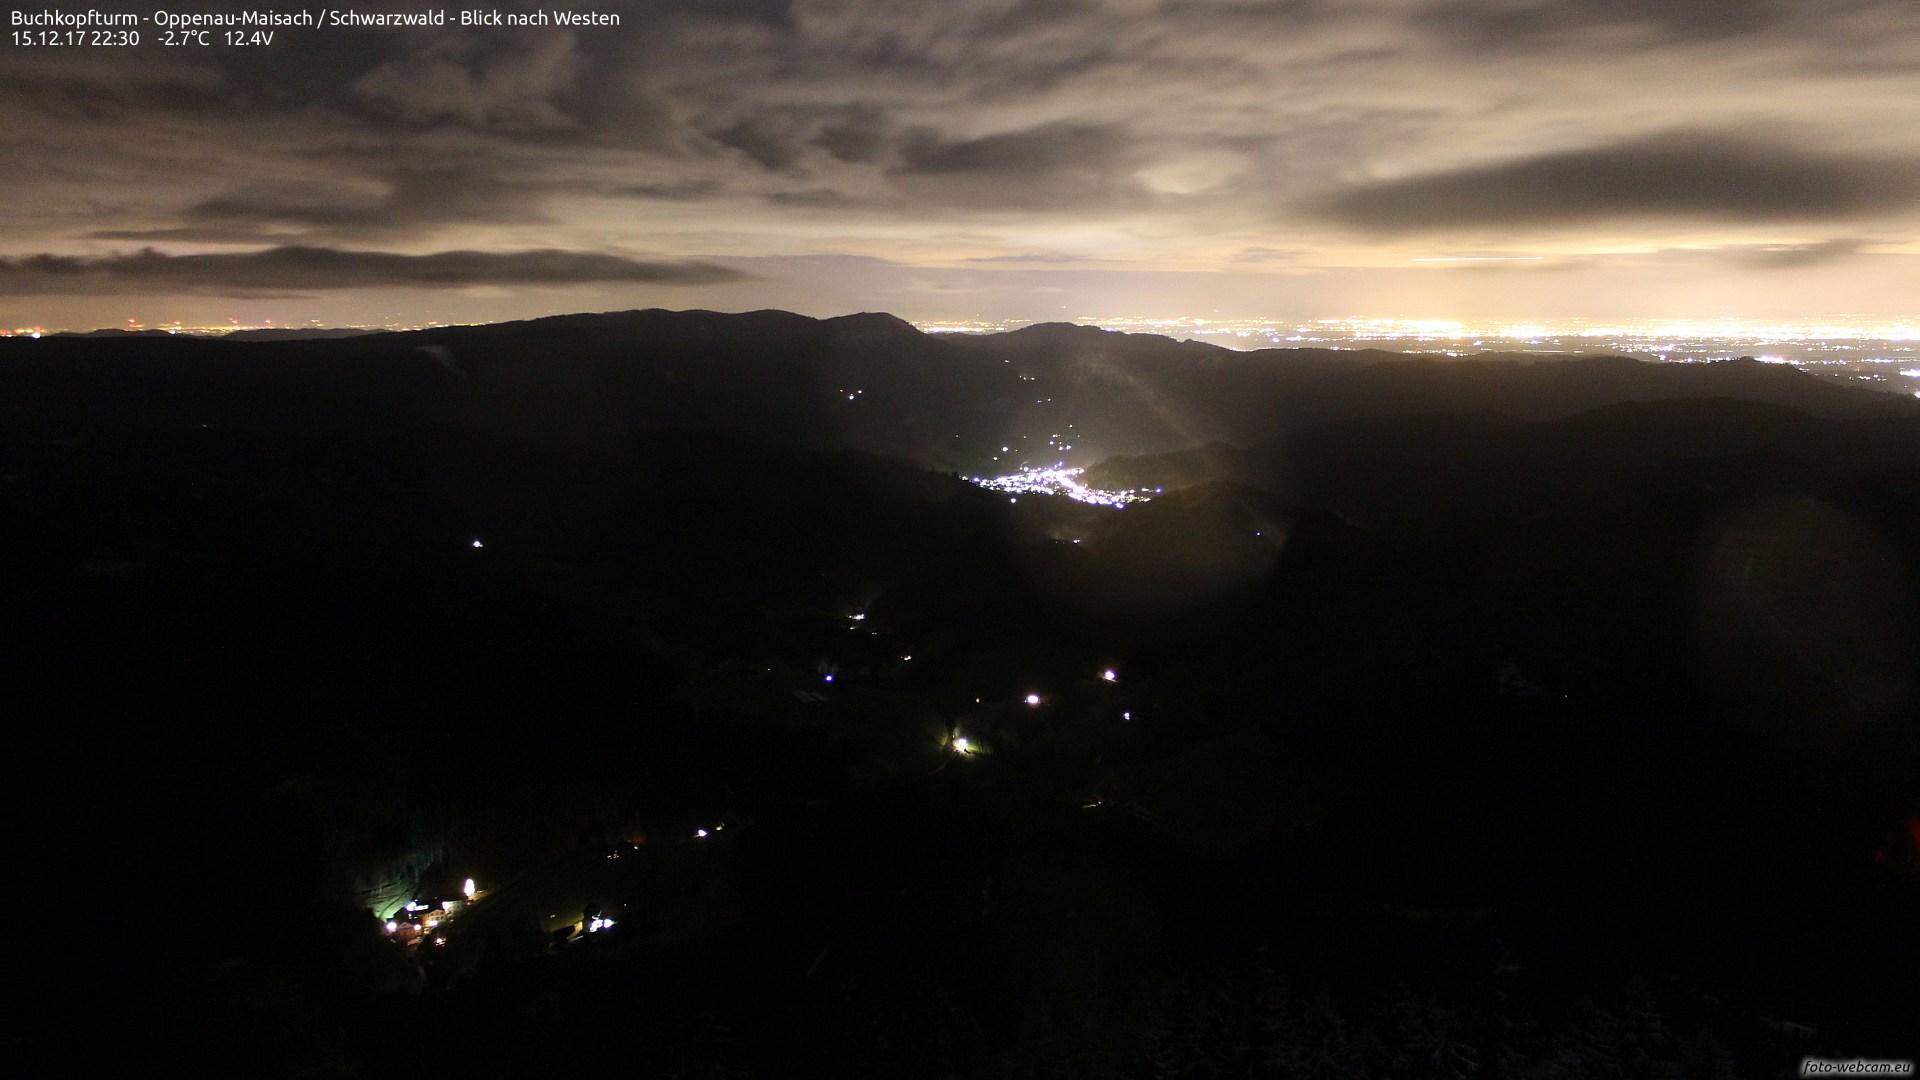 Aufnahme: Buchkopfturm vom 15.12.2017 22:30